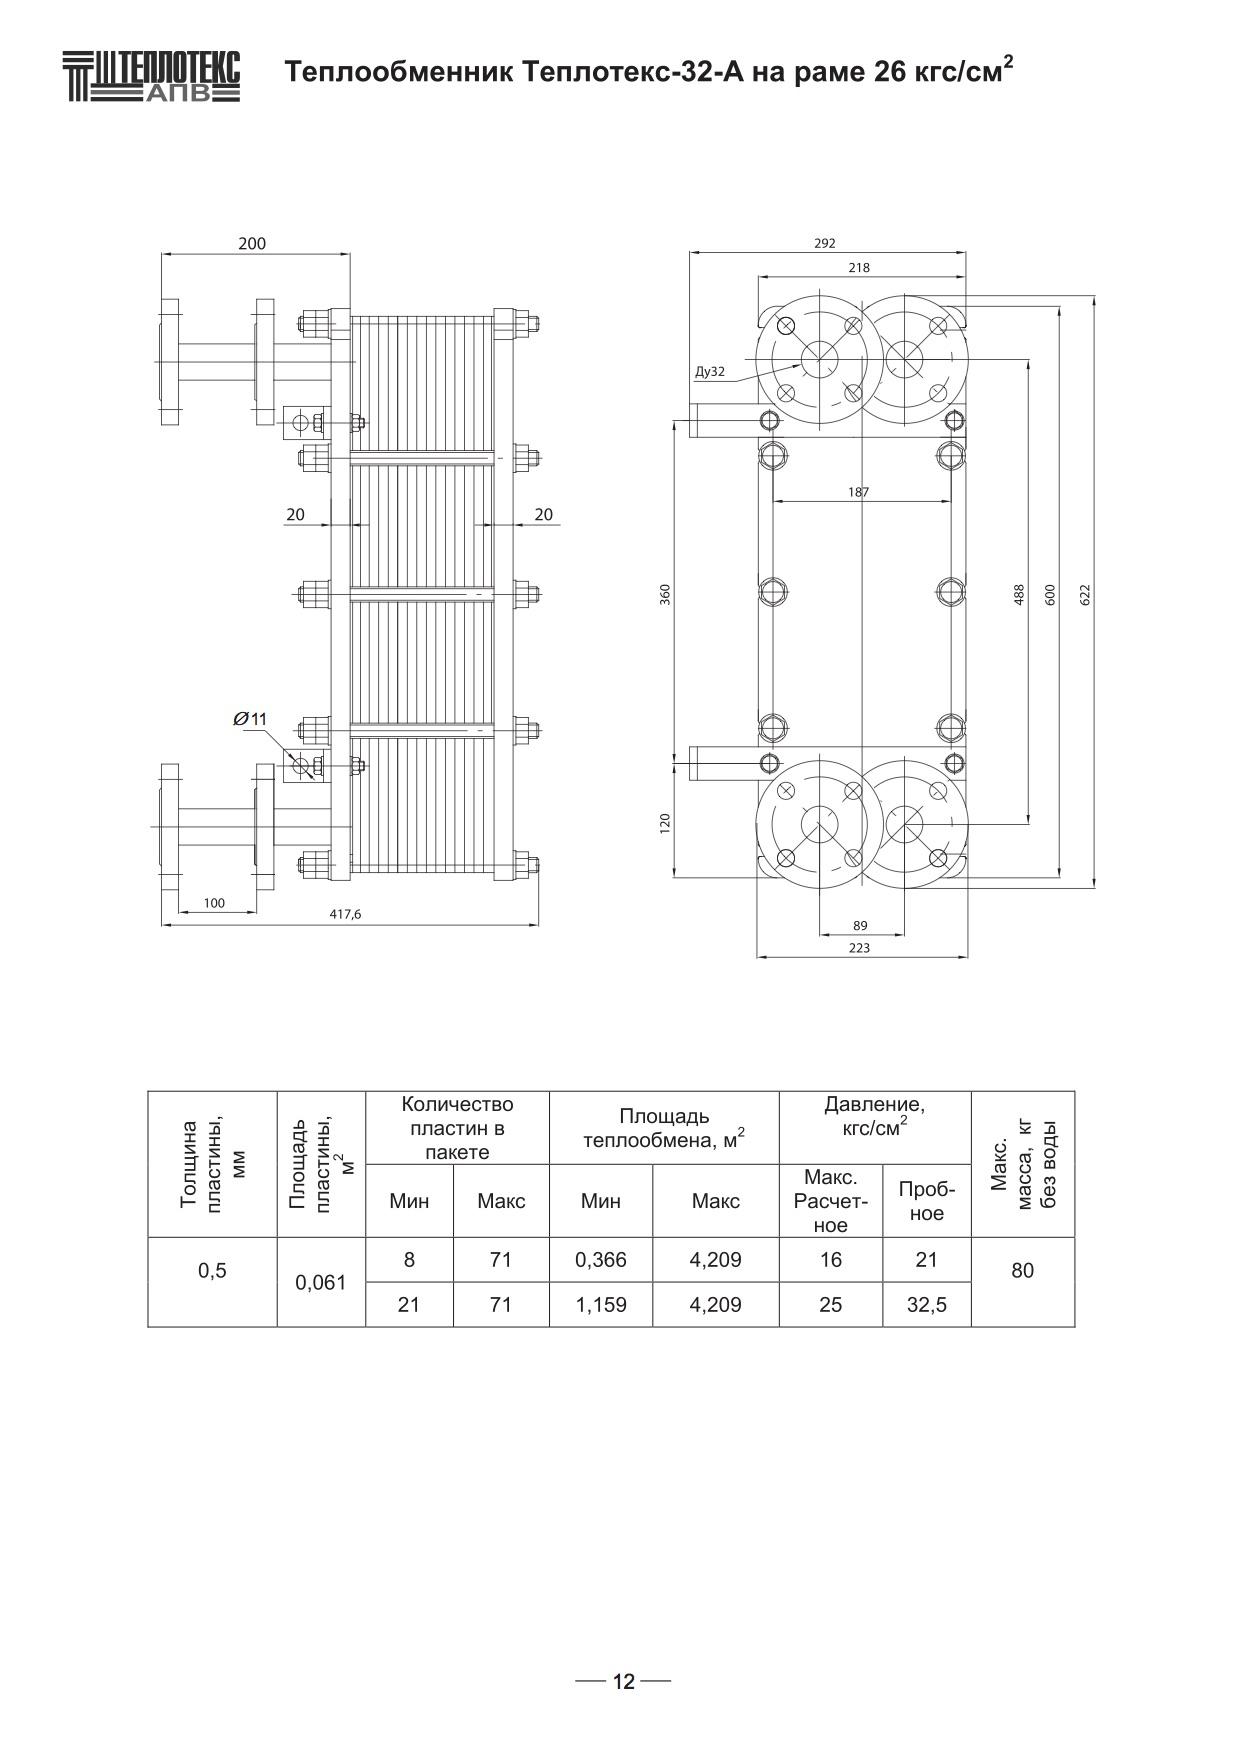 Уплотнения теплообменника Теплотекс 32A Кызыл ридан теплообменники фланцы